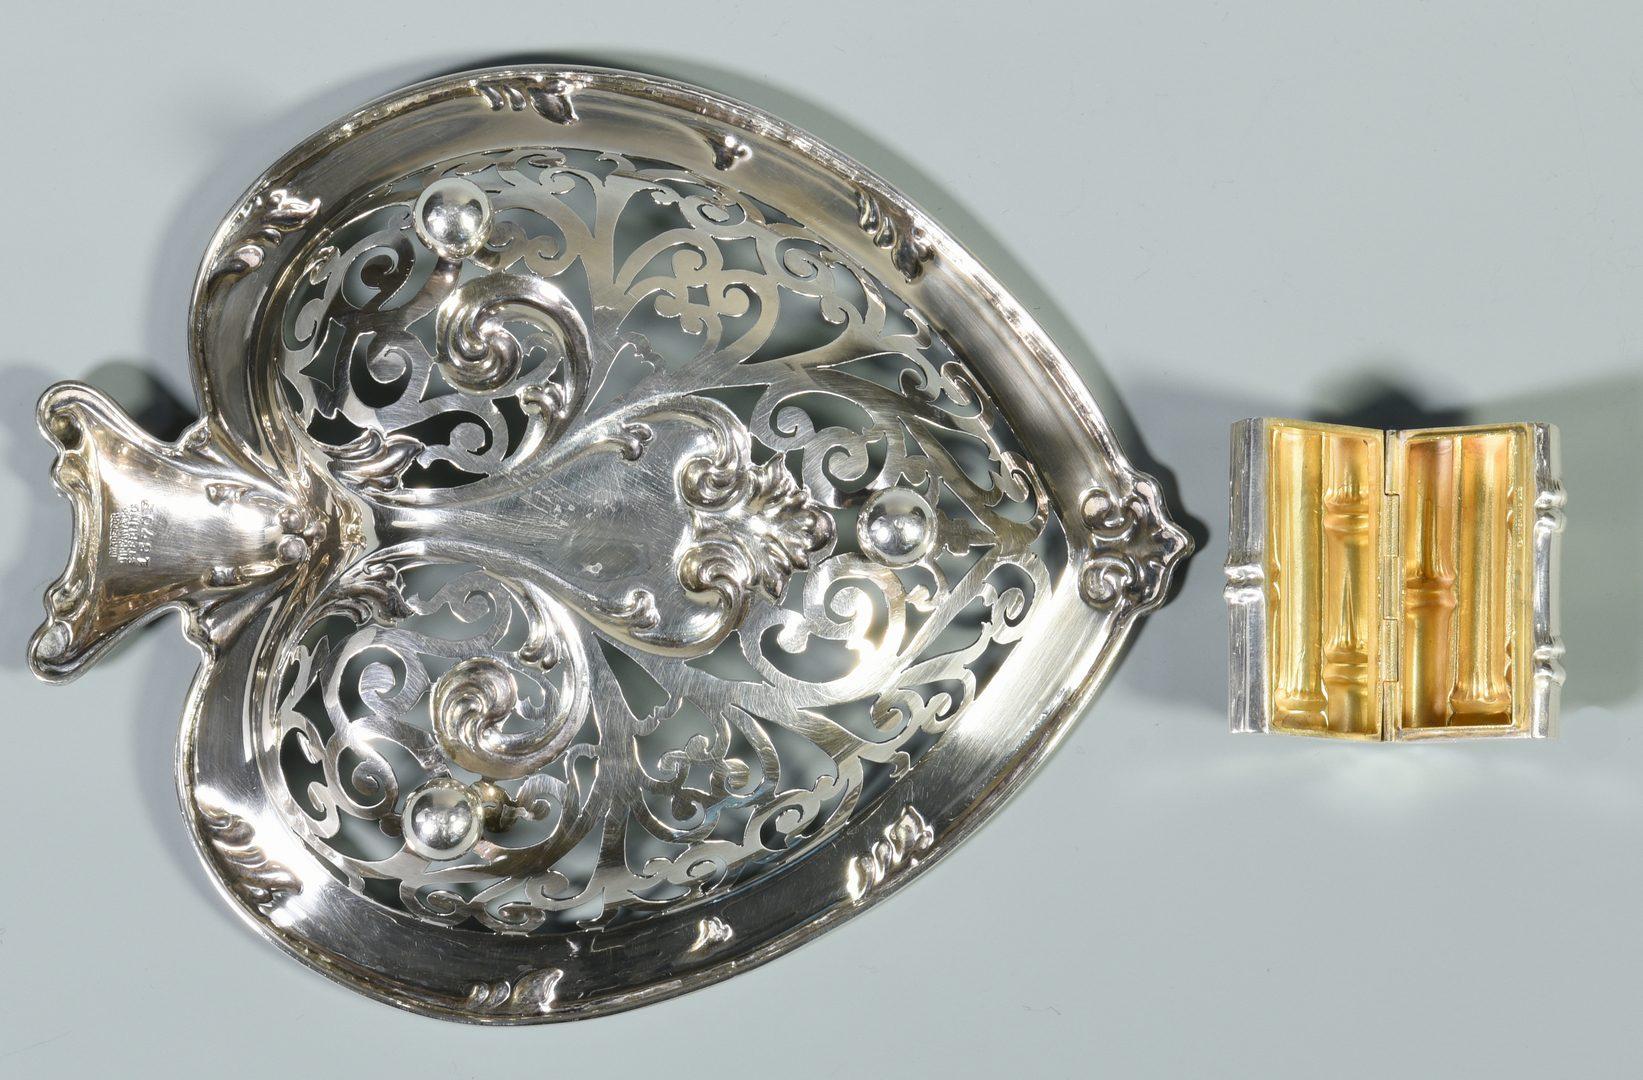 Lot 820: Tiffany Travel Set and Heart Dish, 5 items